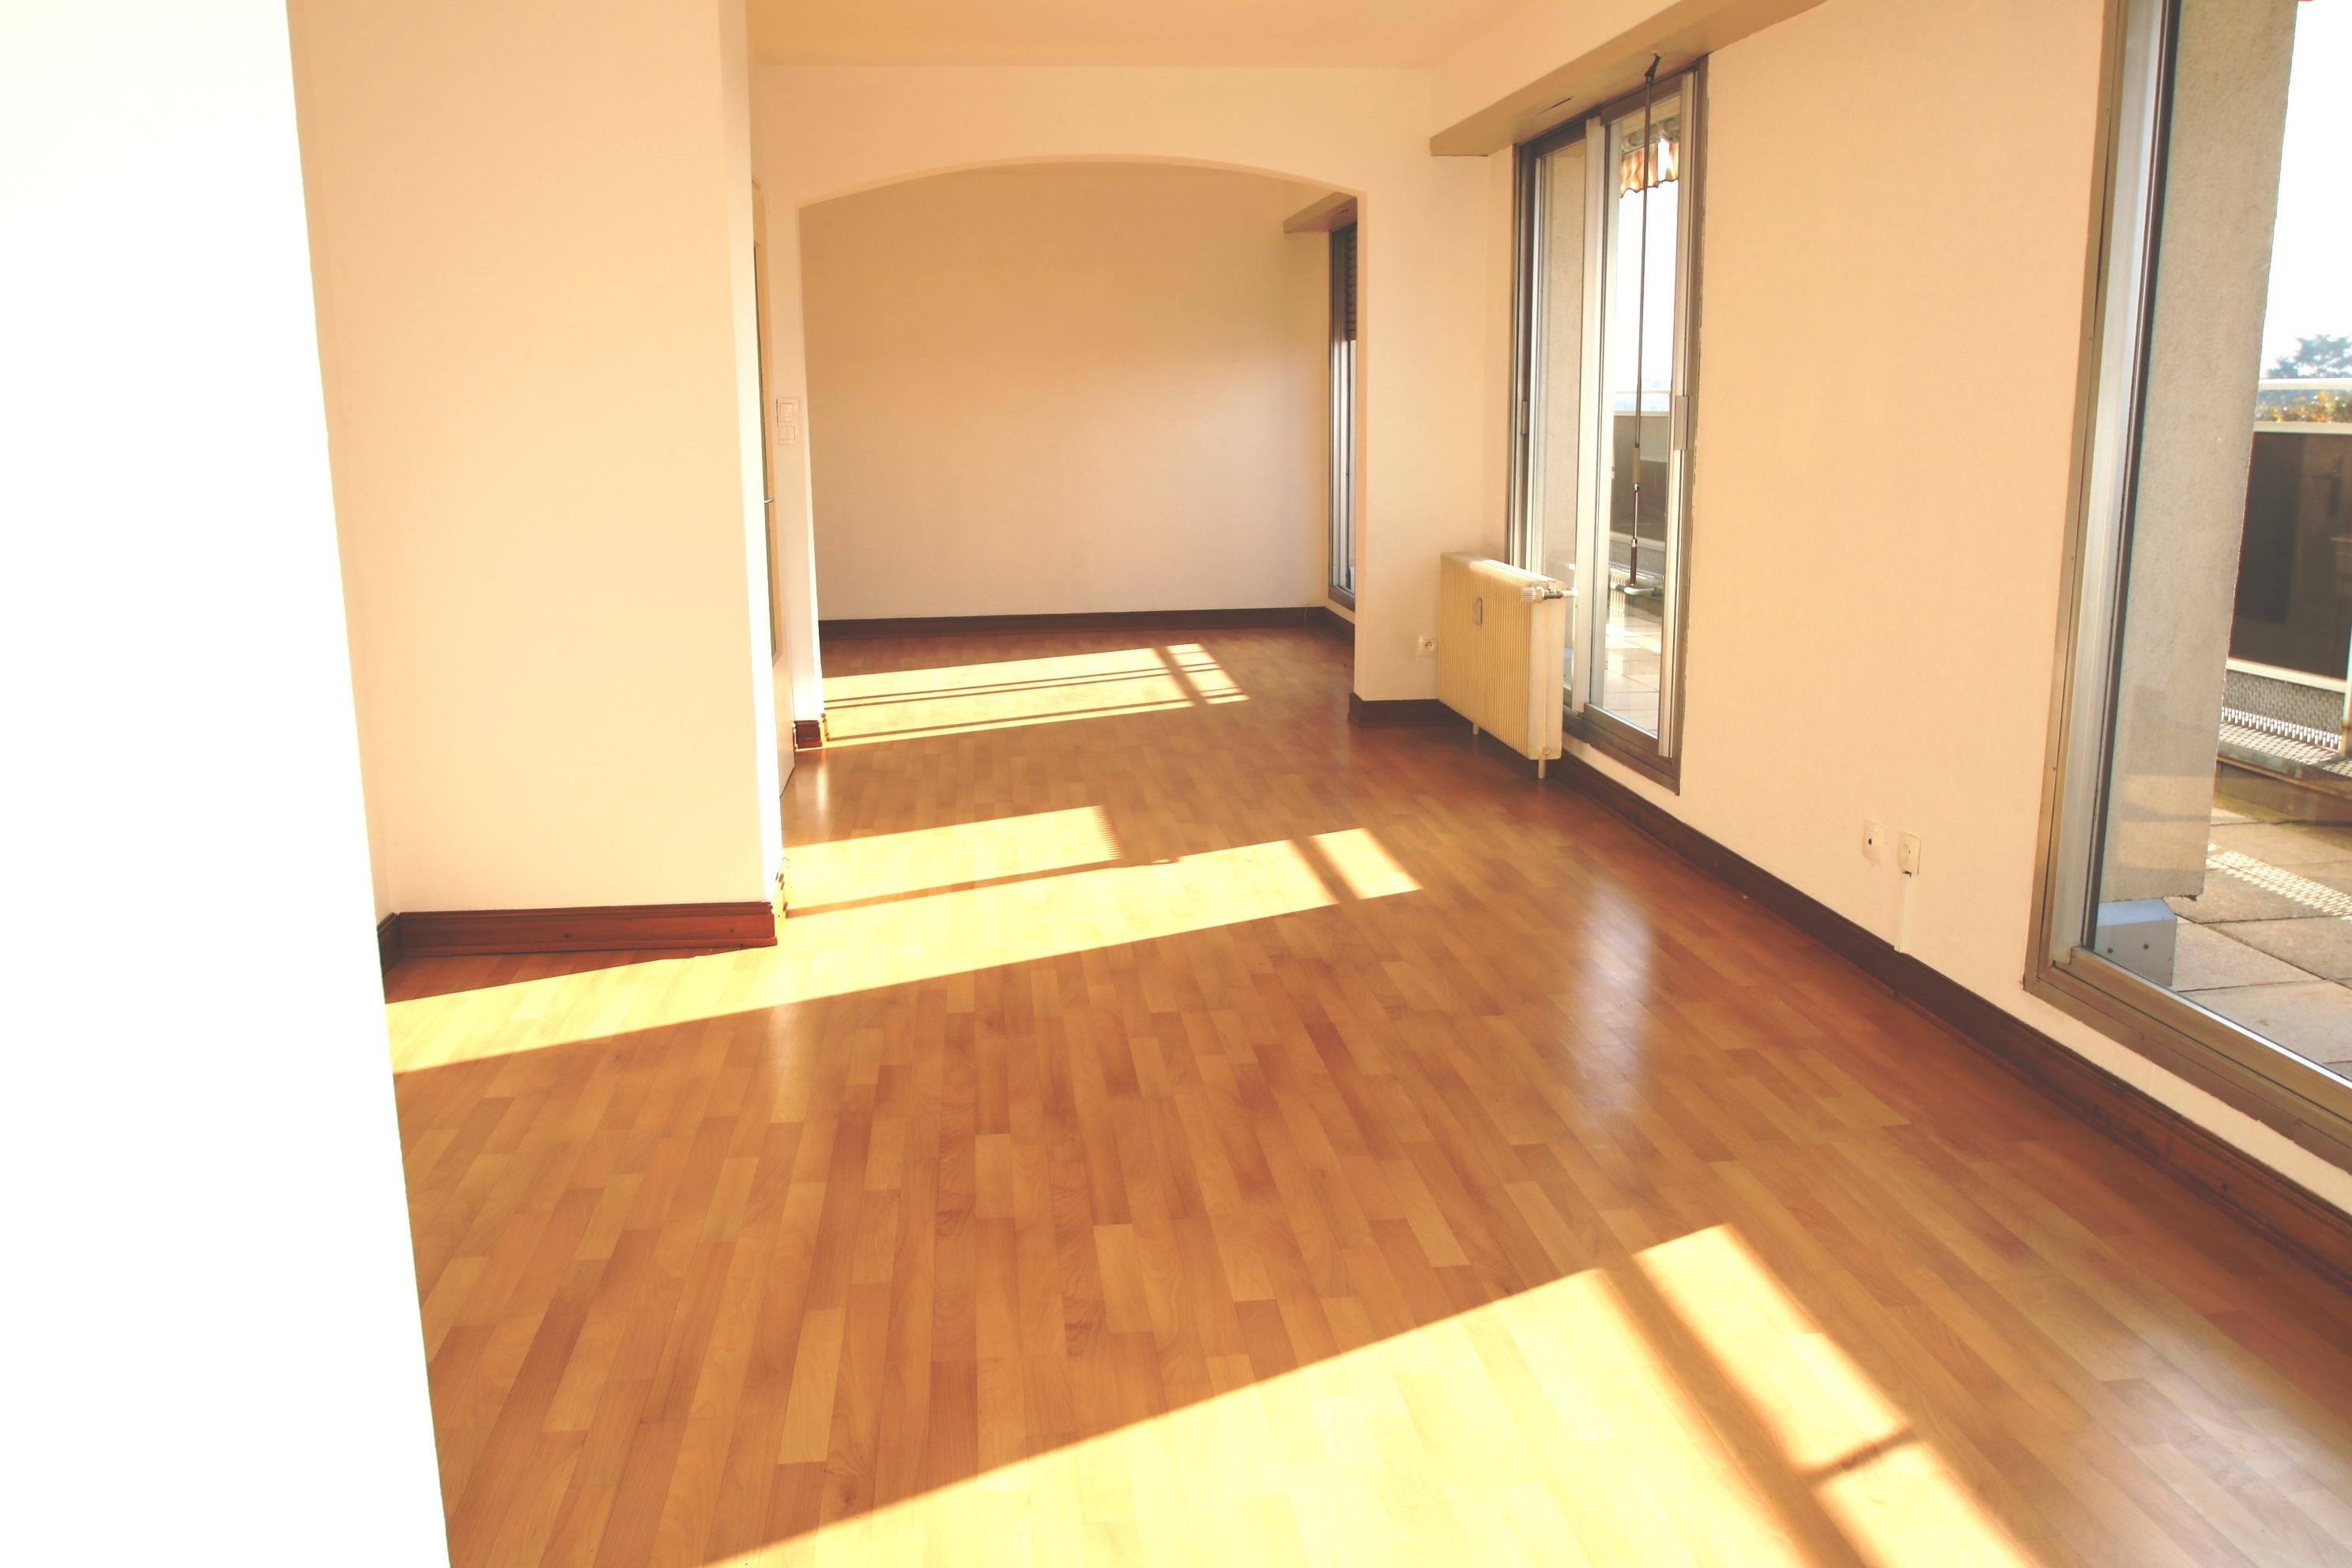 Dernière étage, Appartement 6 pièces, grande terrasse